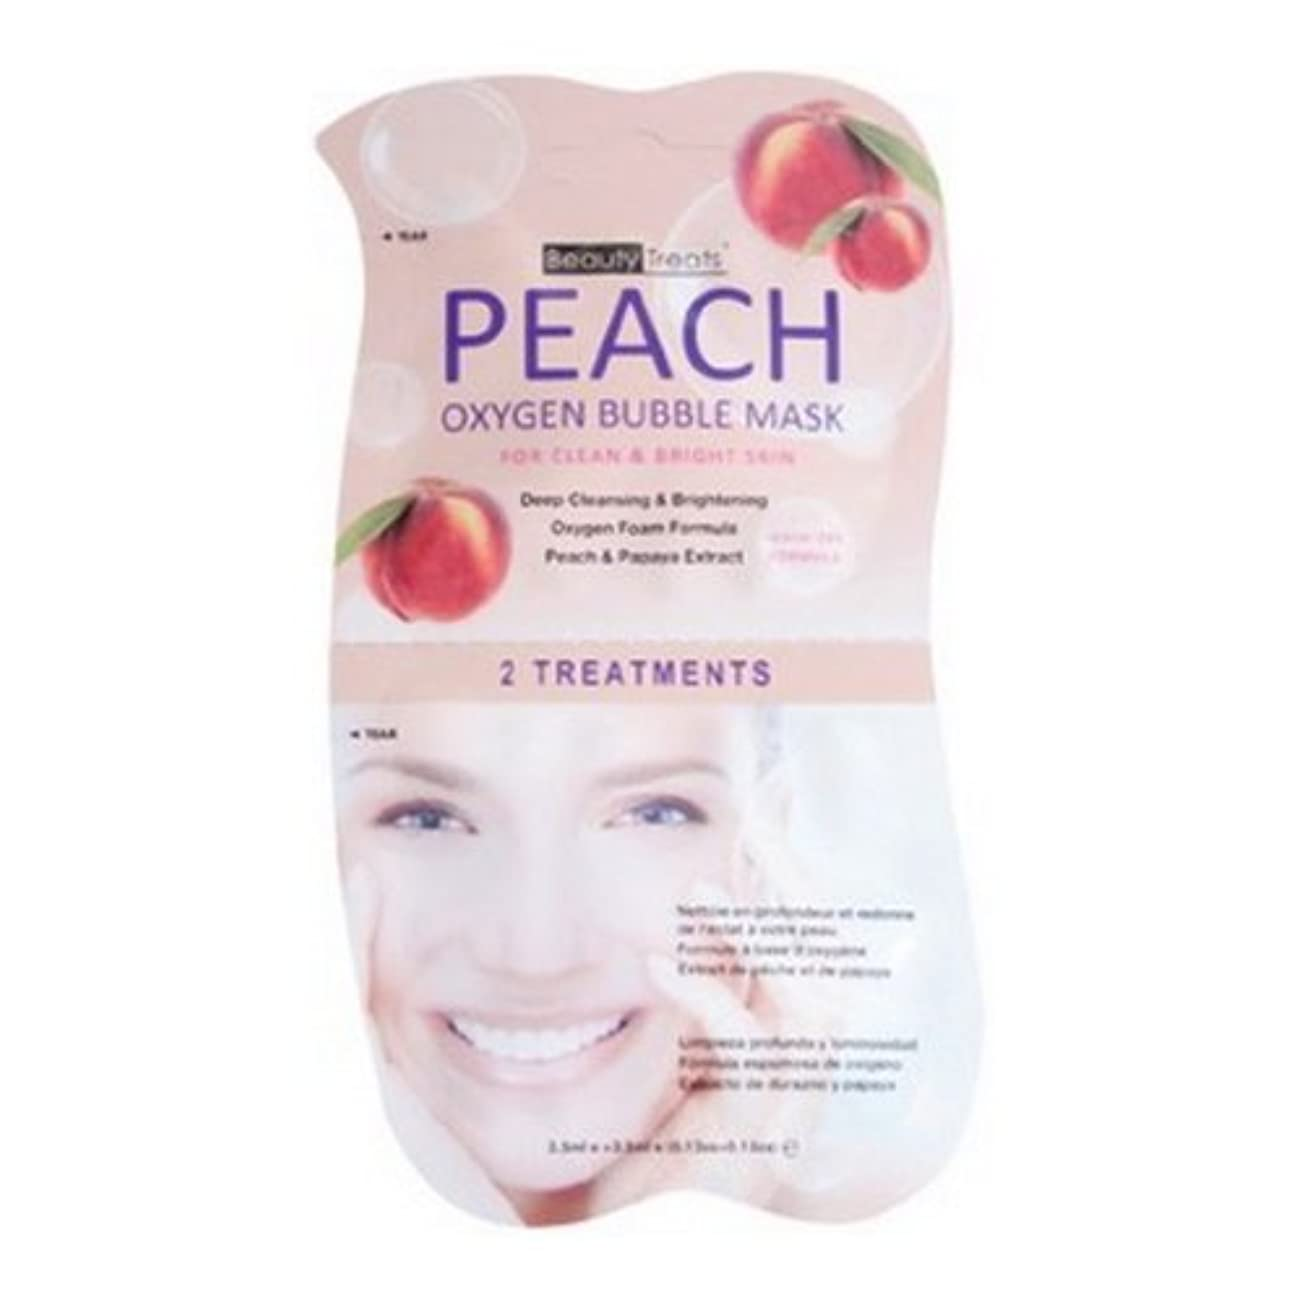 テスト細部テスト(3 Pack) BEAUTY TREATS Peach Oxygen Bubble Mask - Peach (並行輸入品)